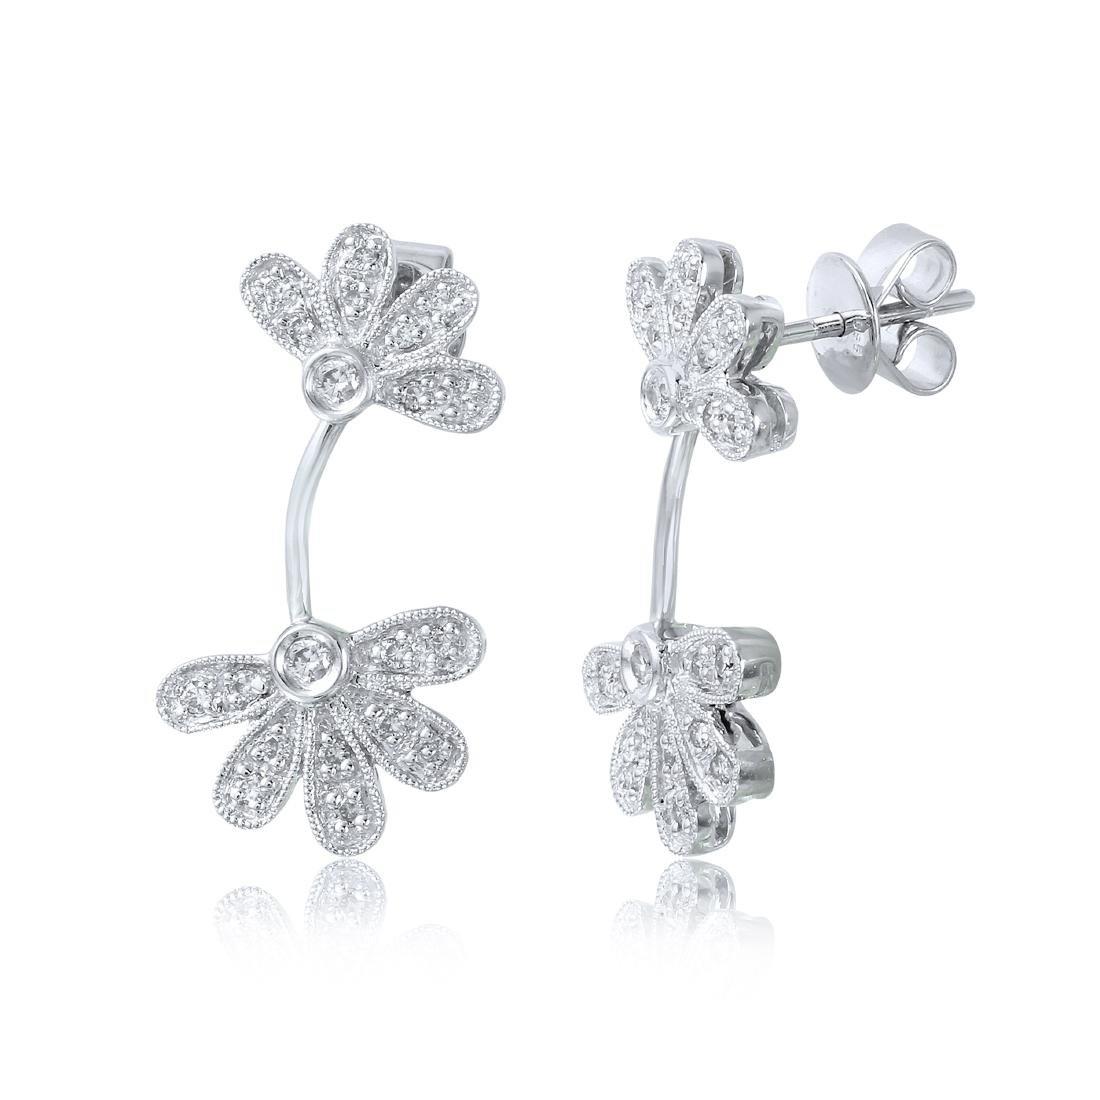 14KT White Gold Diamond Flower Earrings - 2